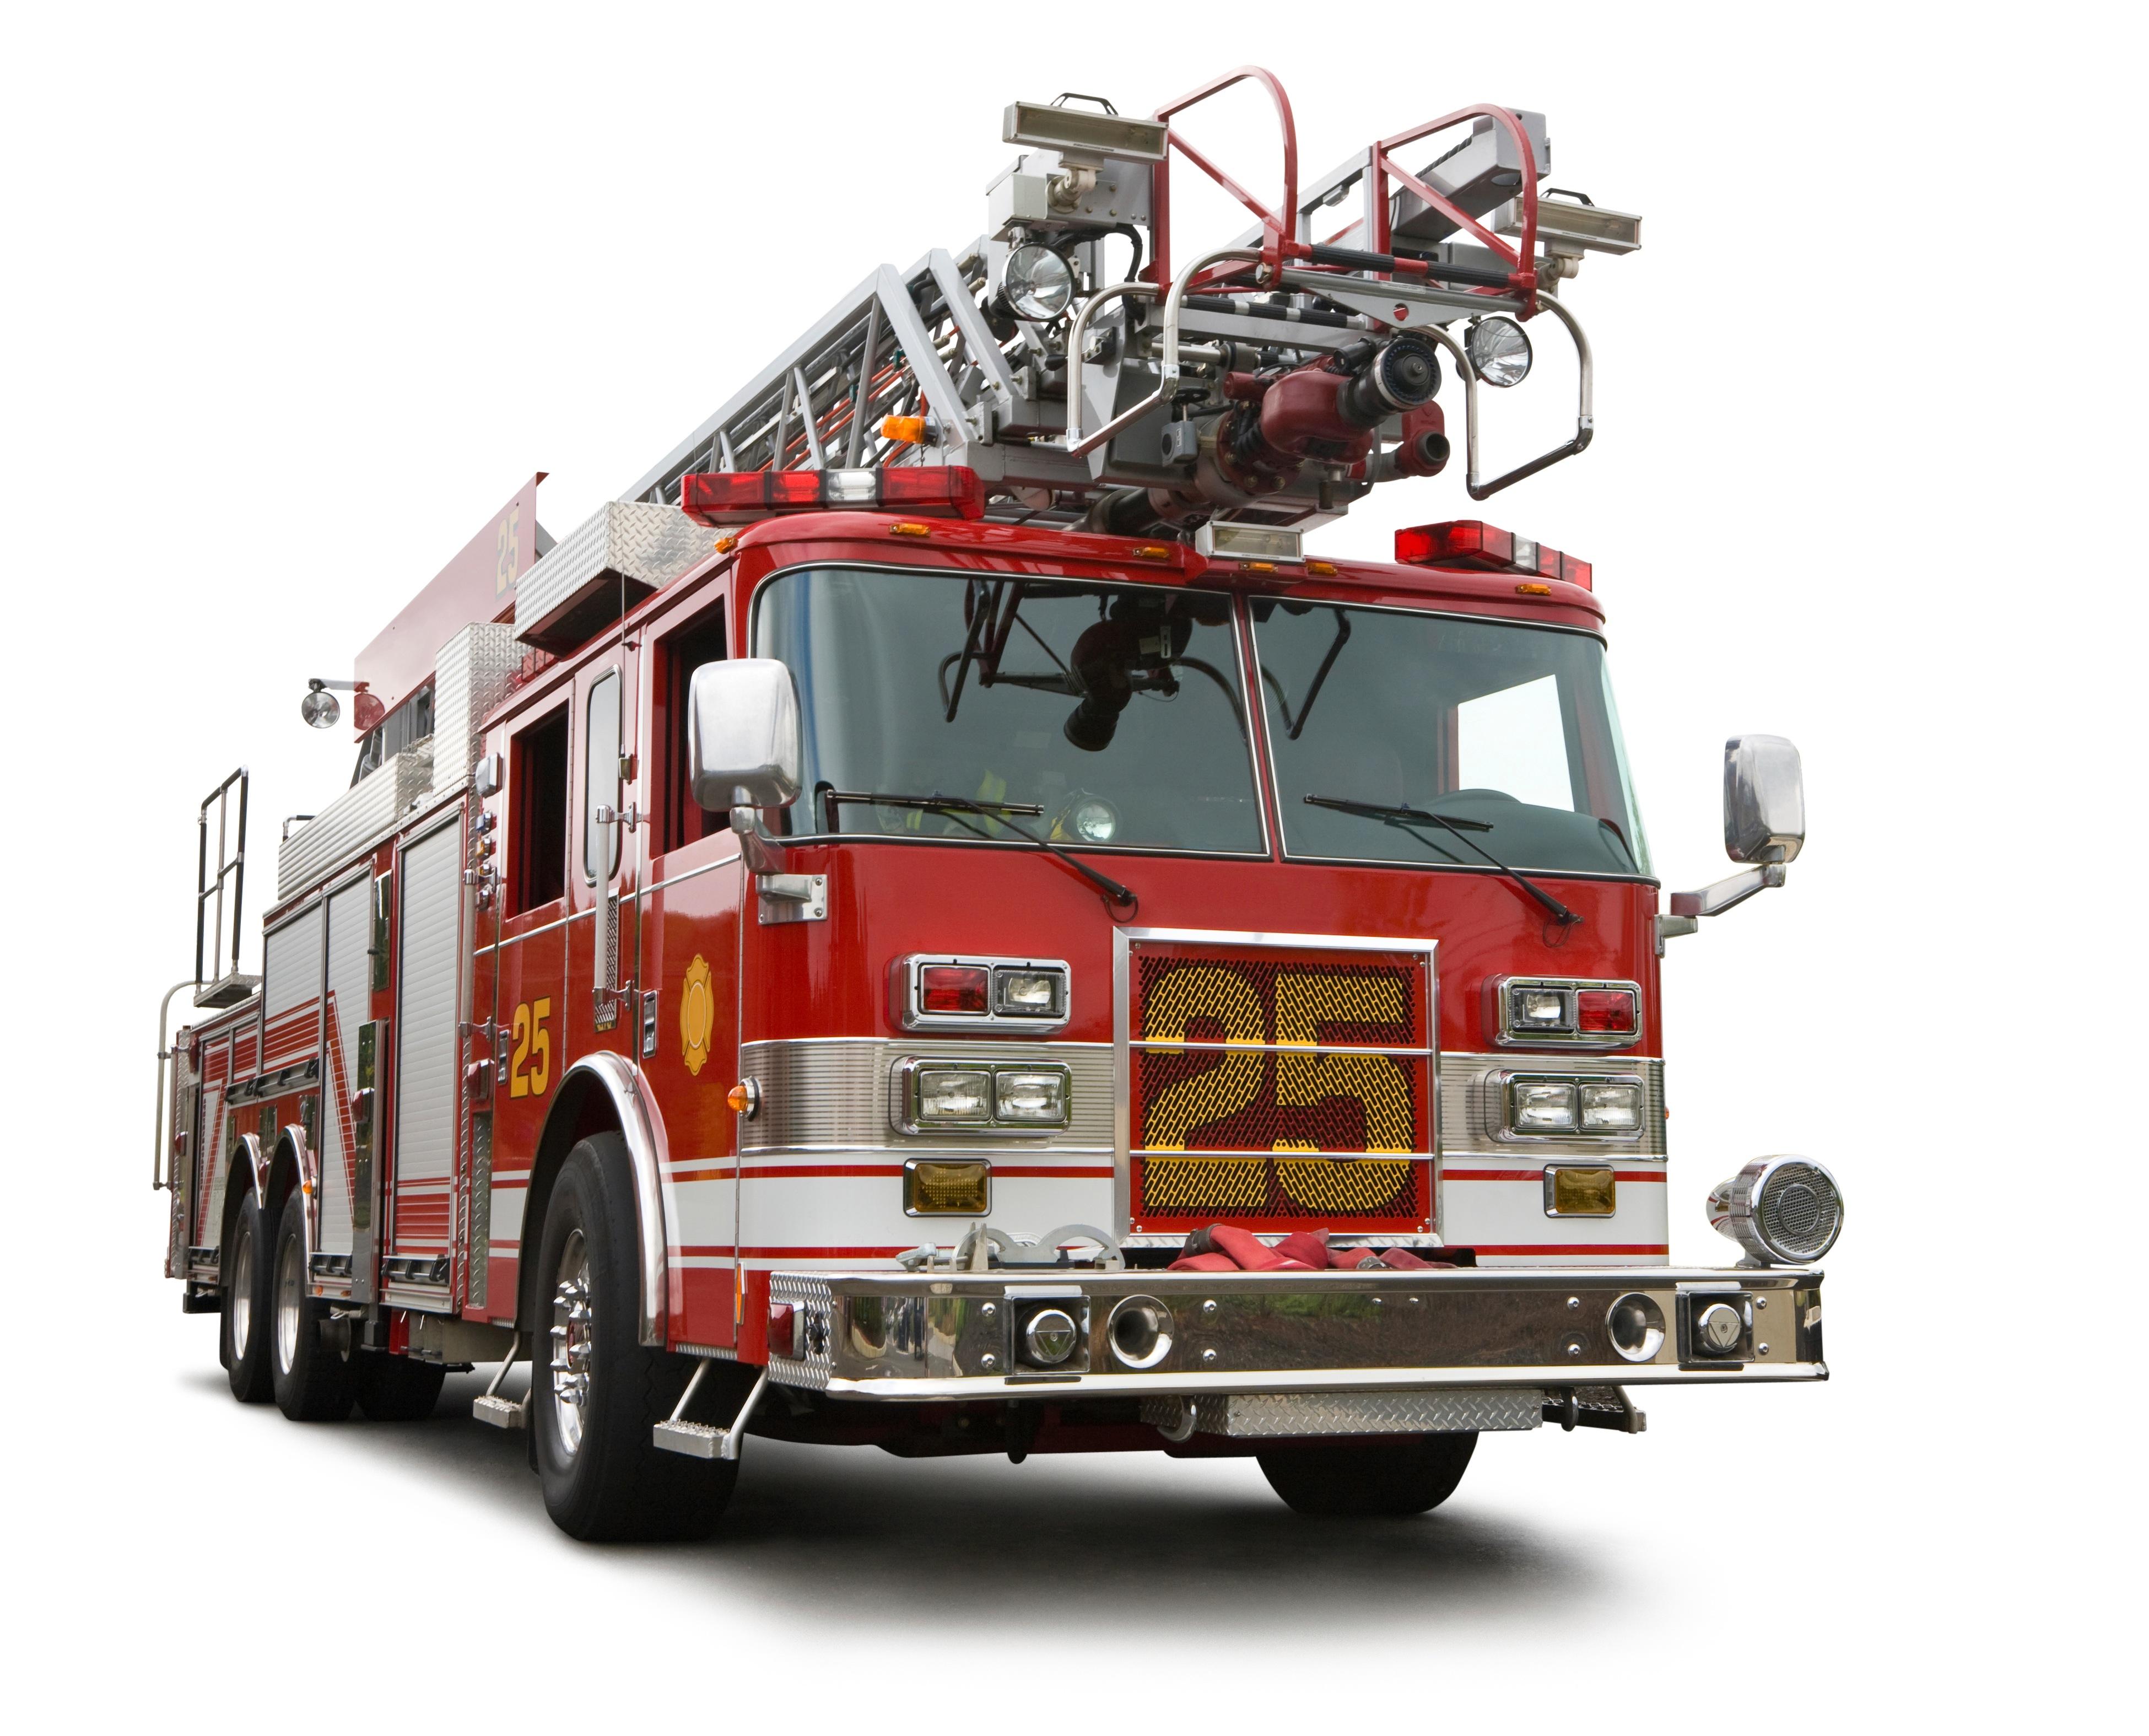 fire truck image fire truck jpg